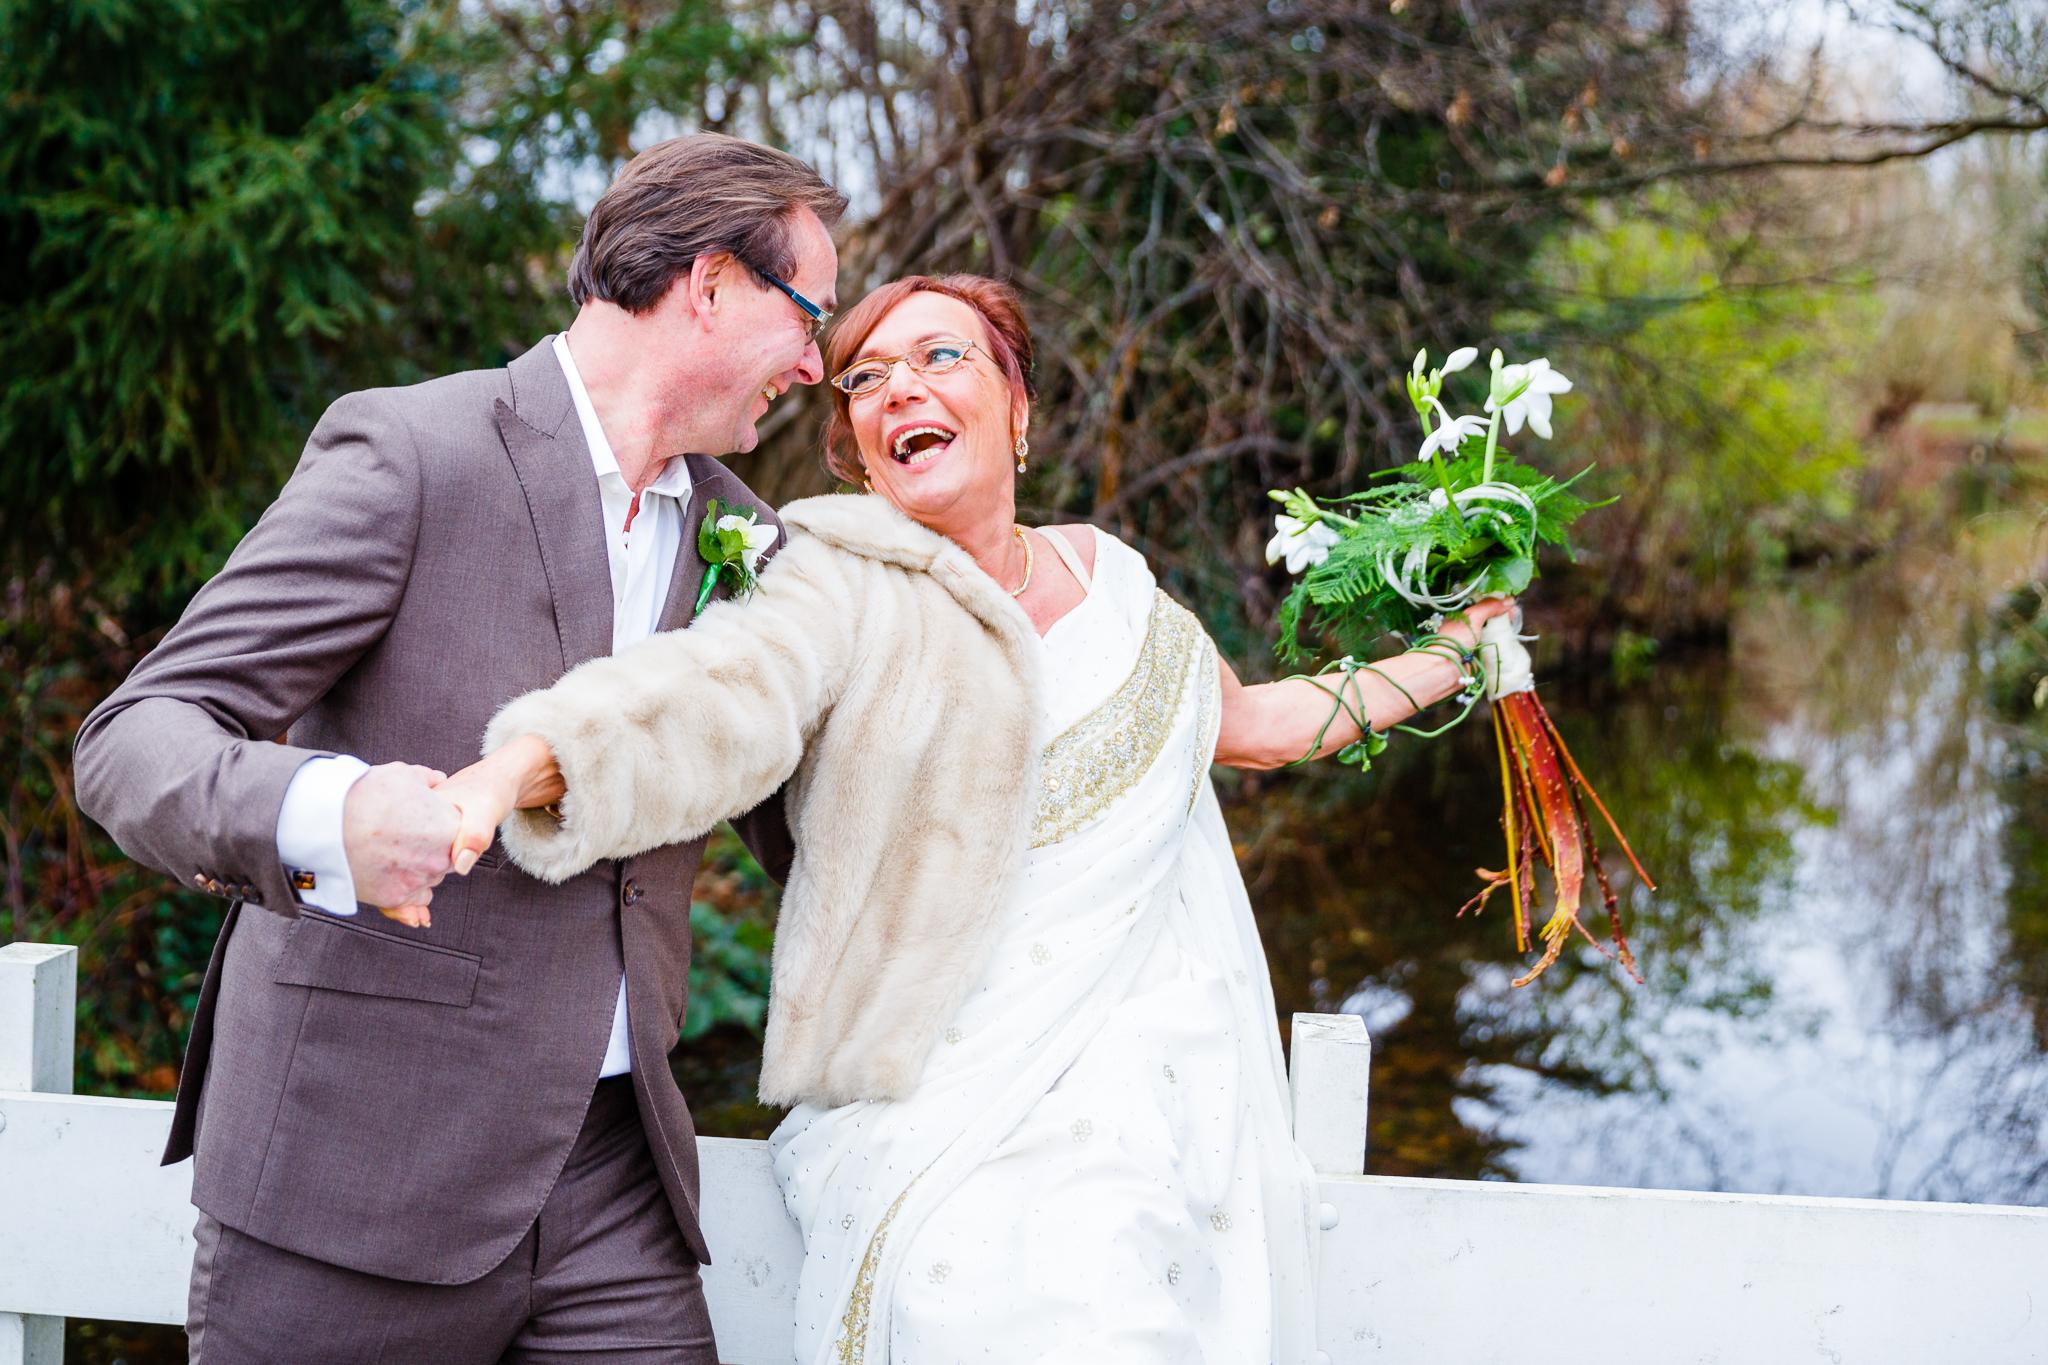 Wedding - YW8A2220.jpg